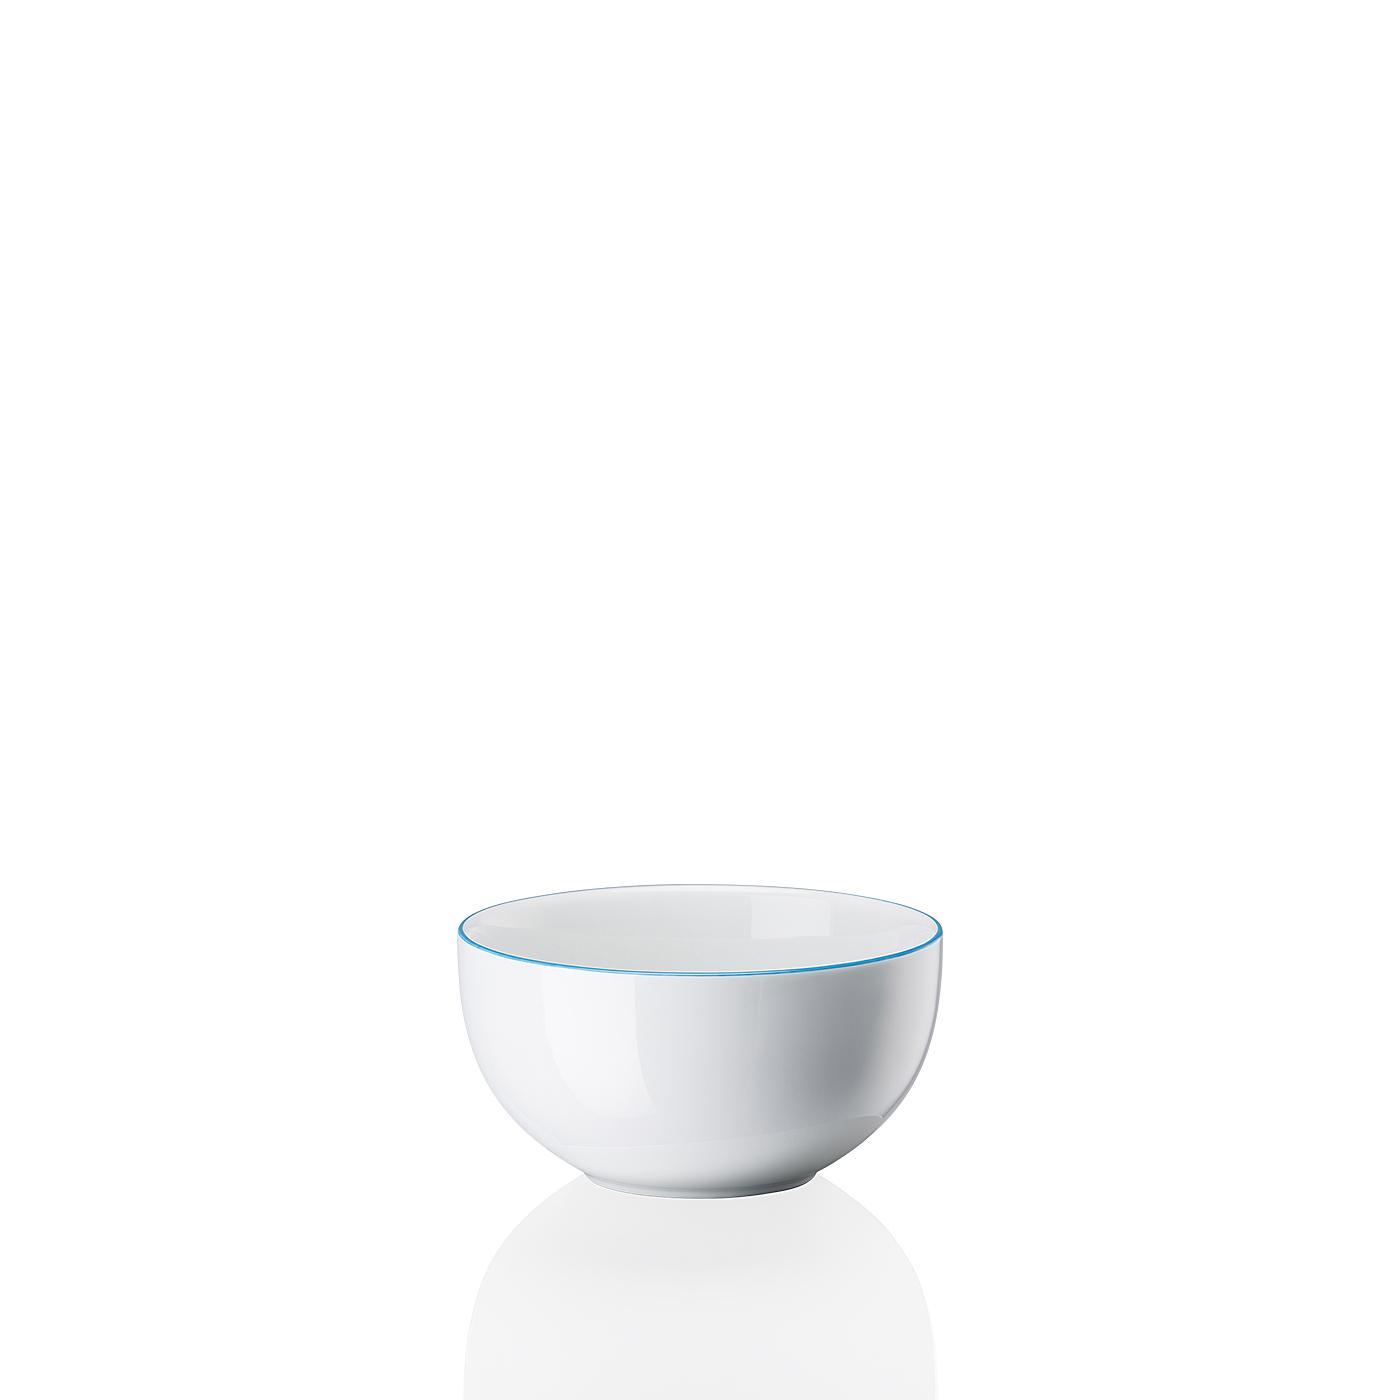 Schüssel 13 cm Cucina-Basic Colori Blue Arzberg